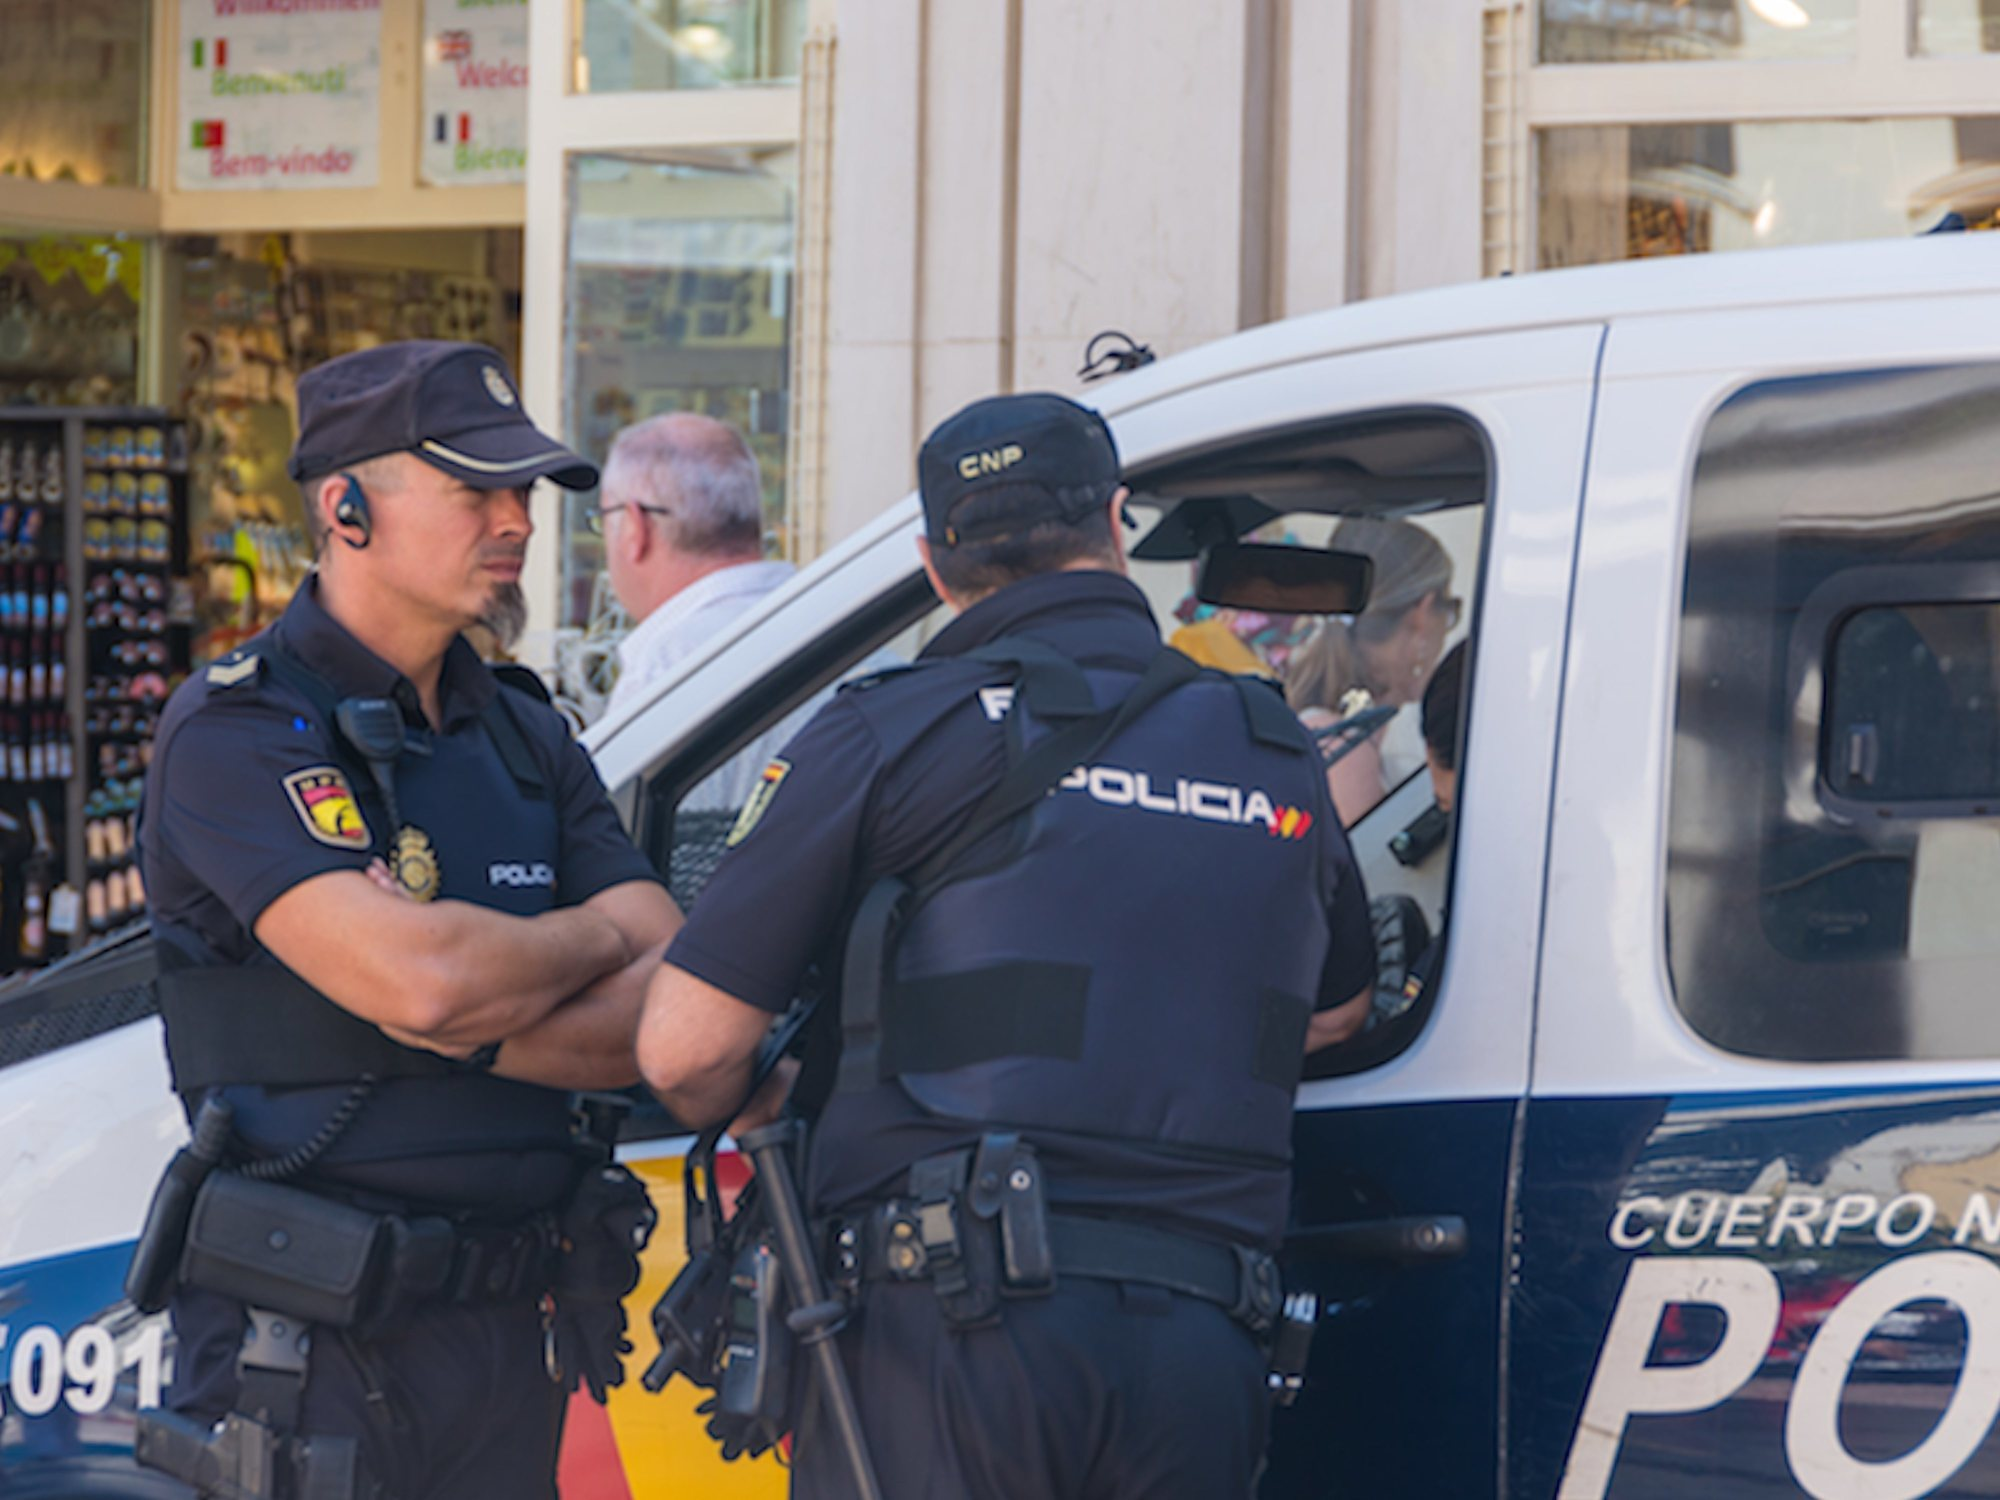 Detenida la amiga de la niña de 13 años violada entre seis jóvenes en Palma en Nochebuena